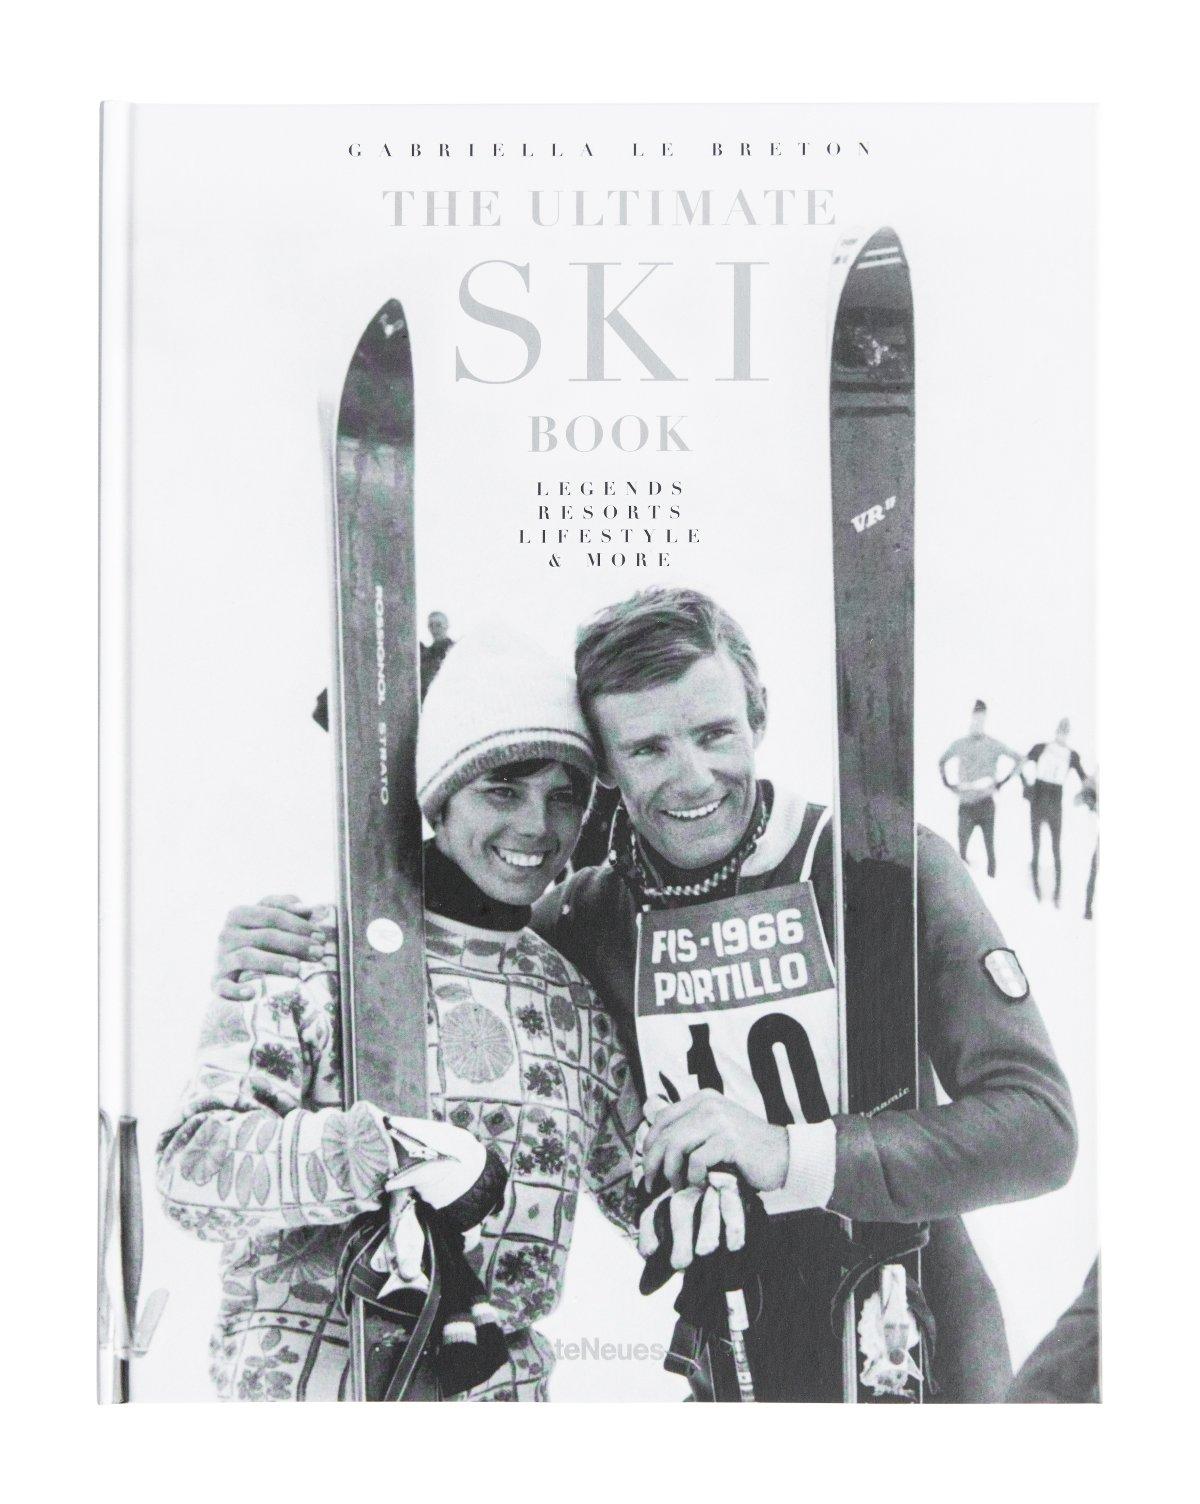 The_Ultimate_Ski_Book_1.jpg